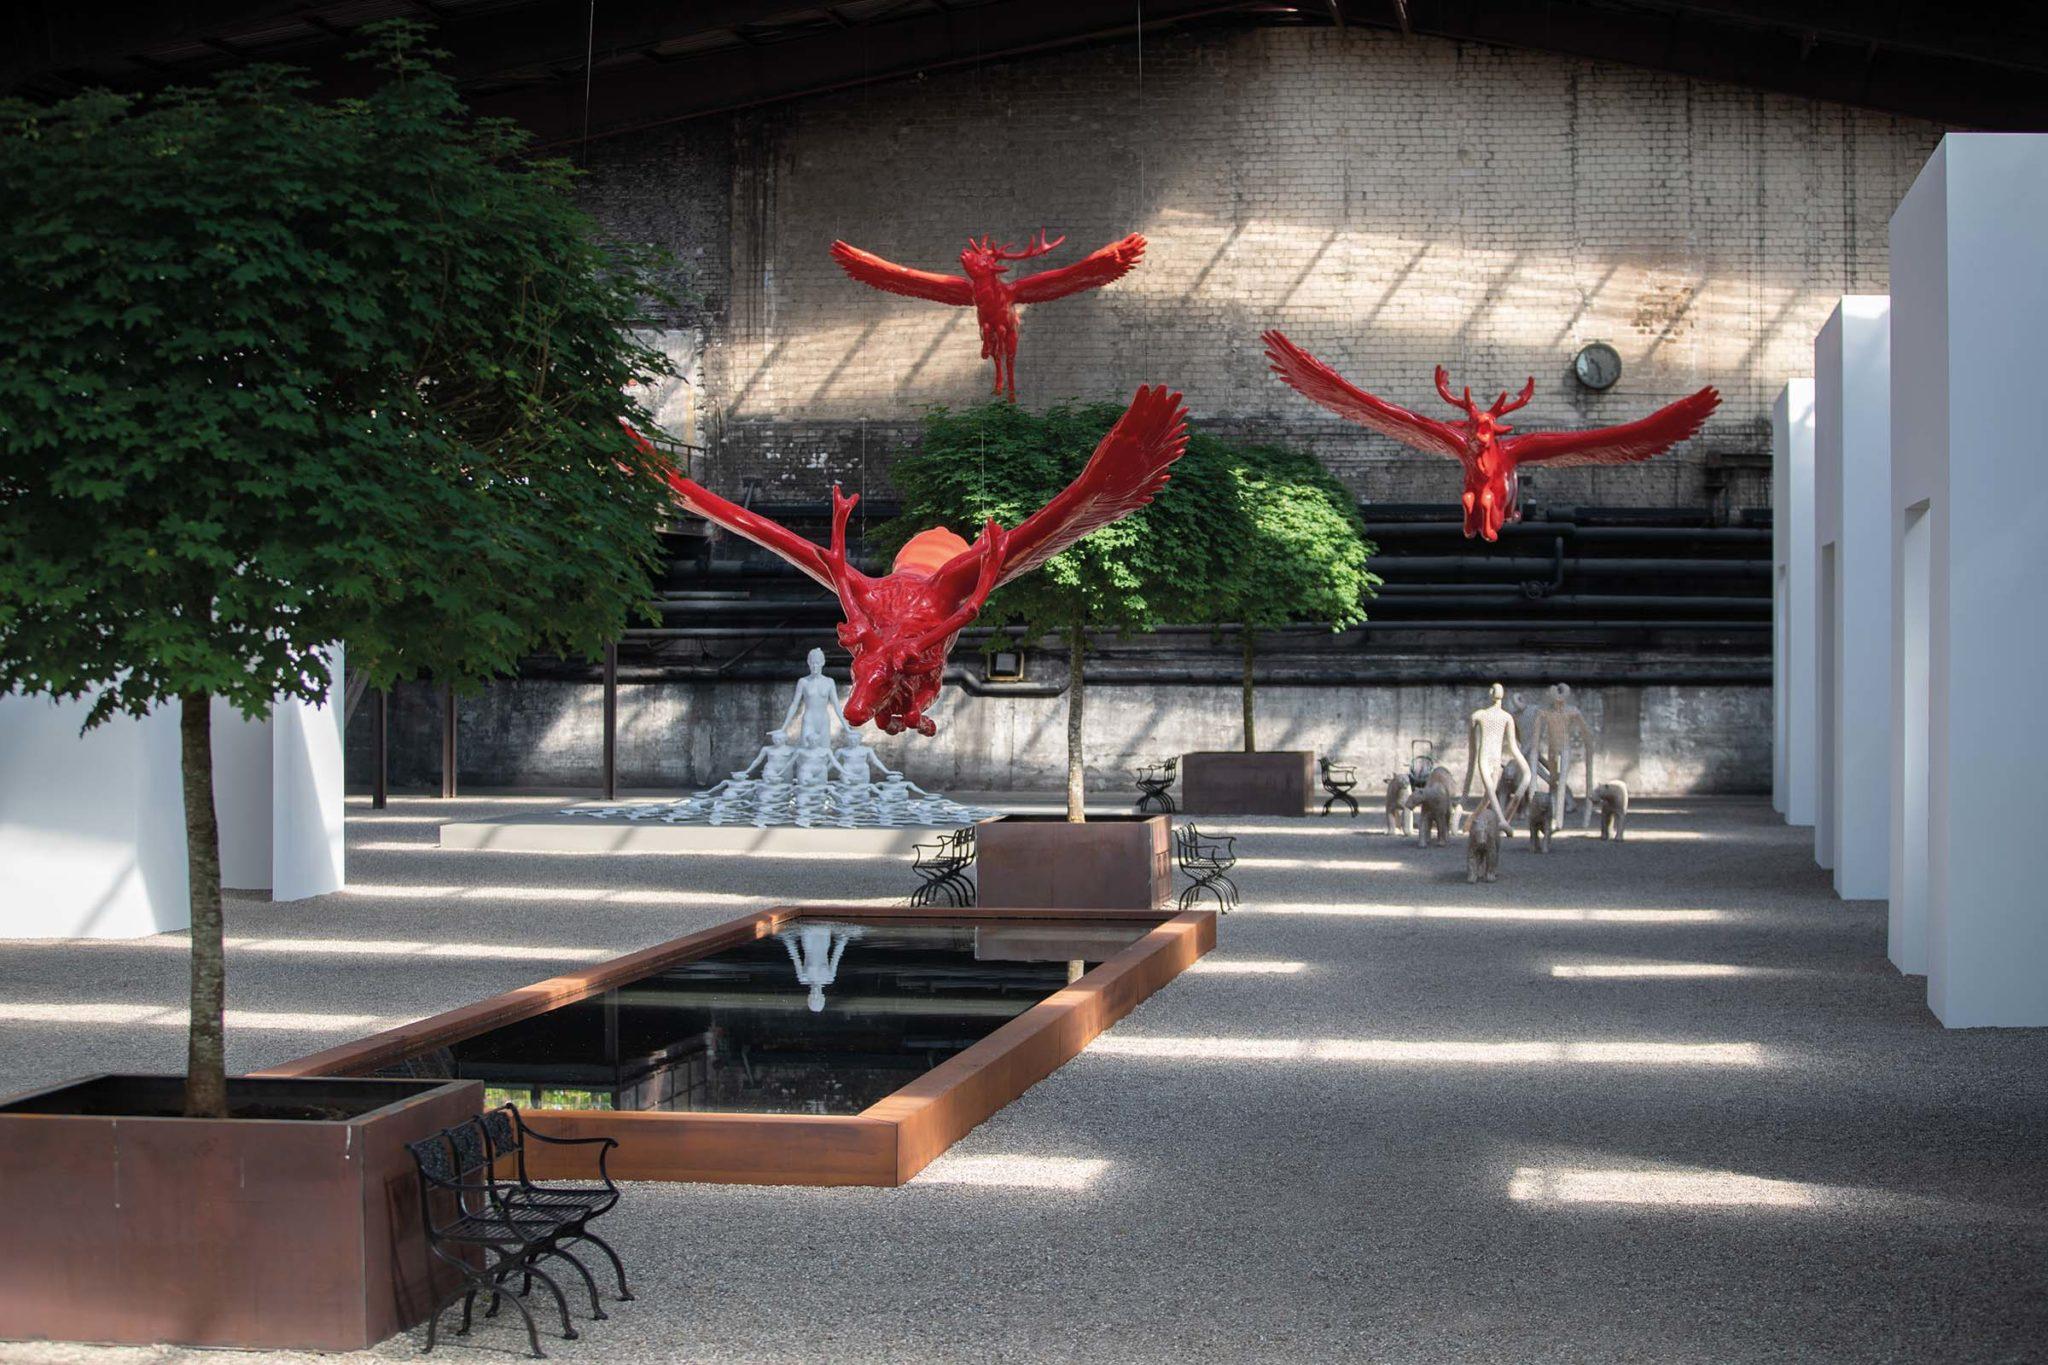 Bilder, Fotografien, Skulpturen und Installationen NordArt 2019 mit Werken von mehr als 200 Künstlern aus aller Welt